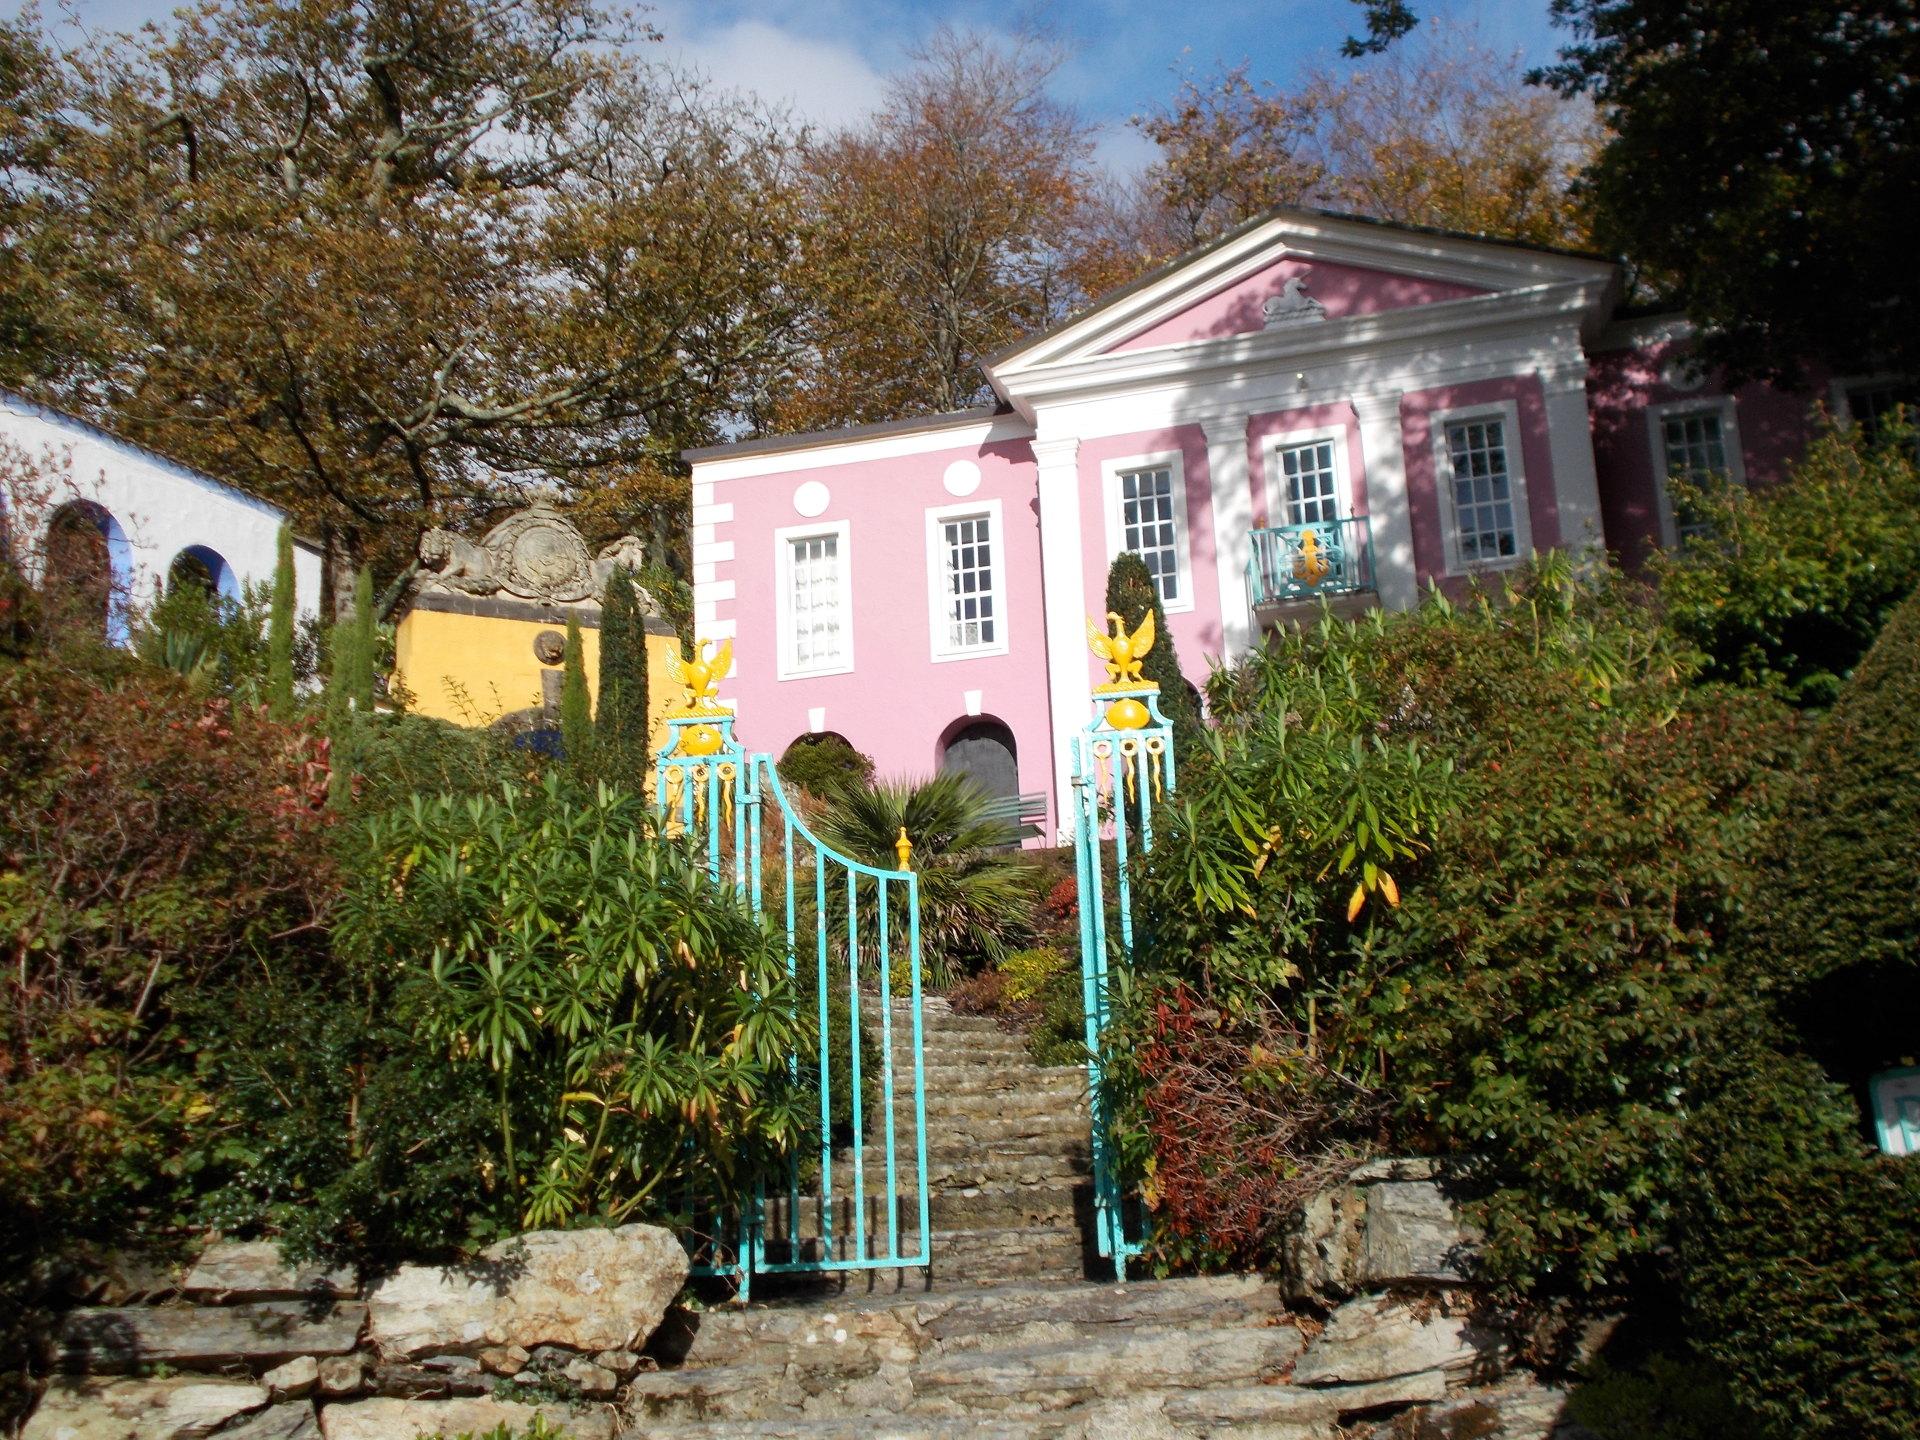 The Celebrants house